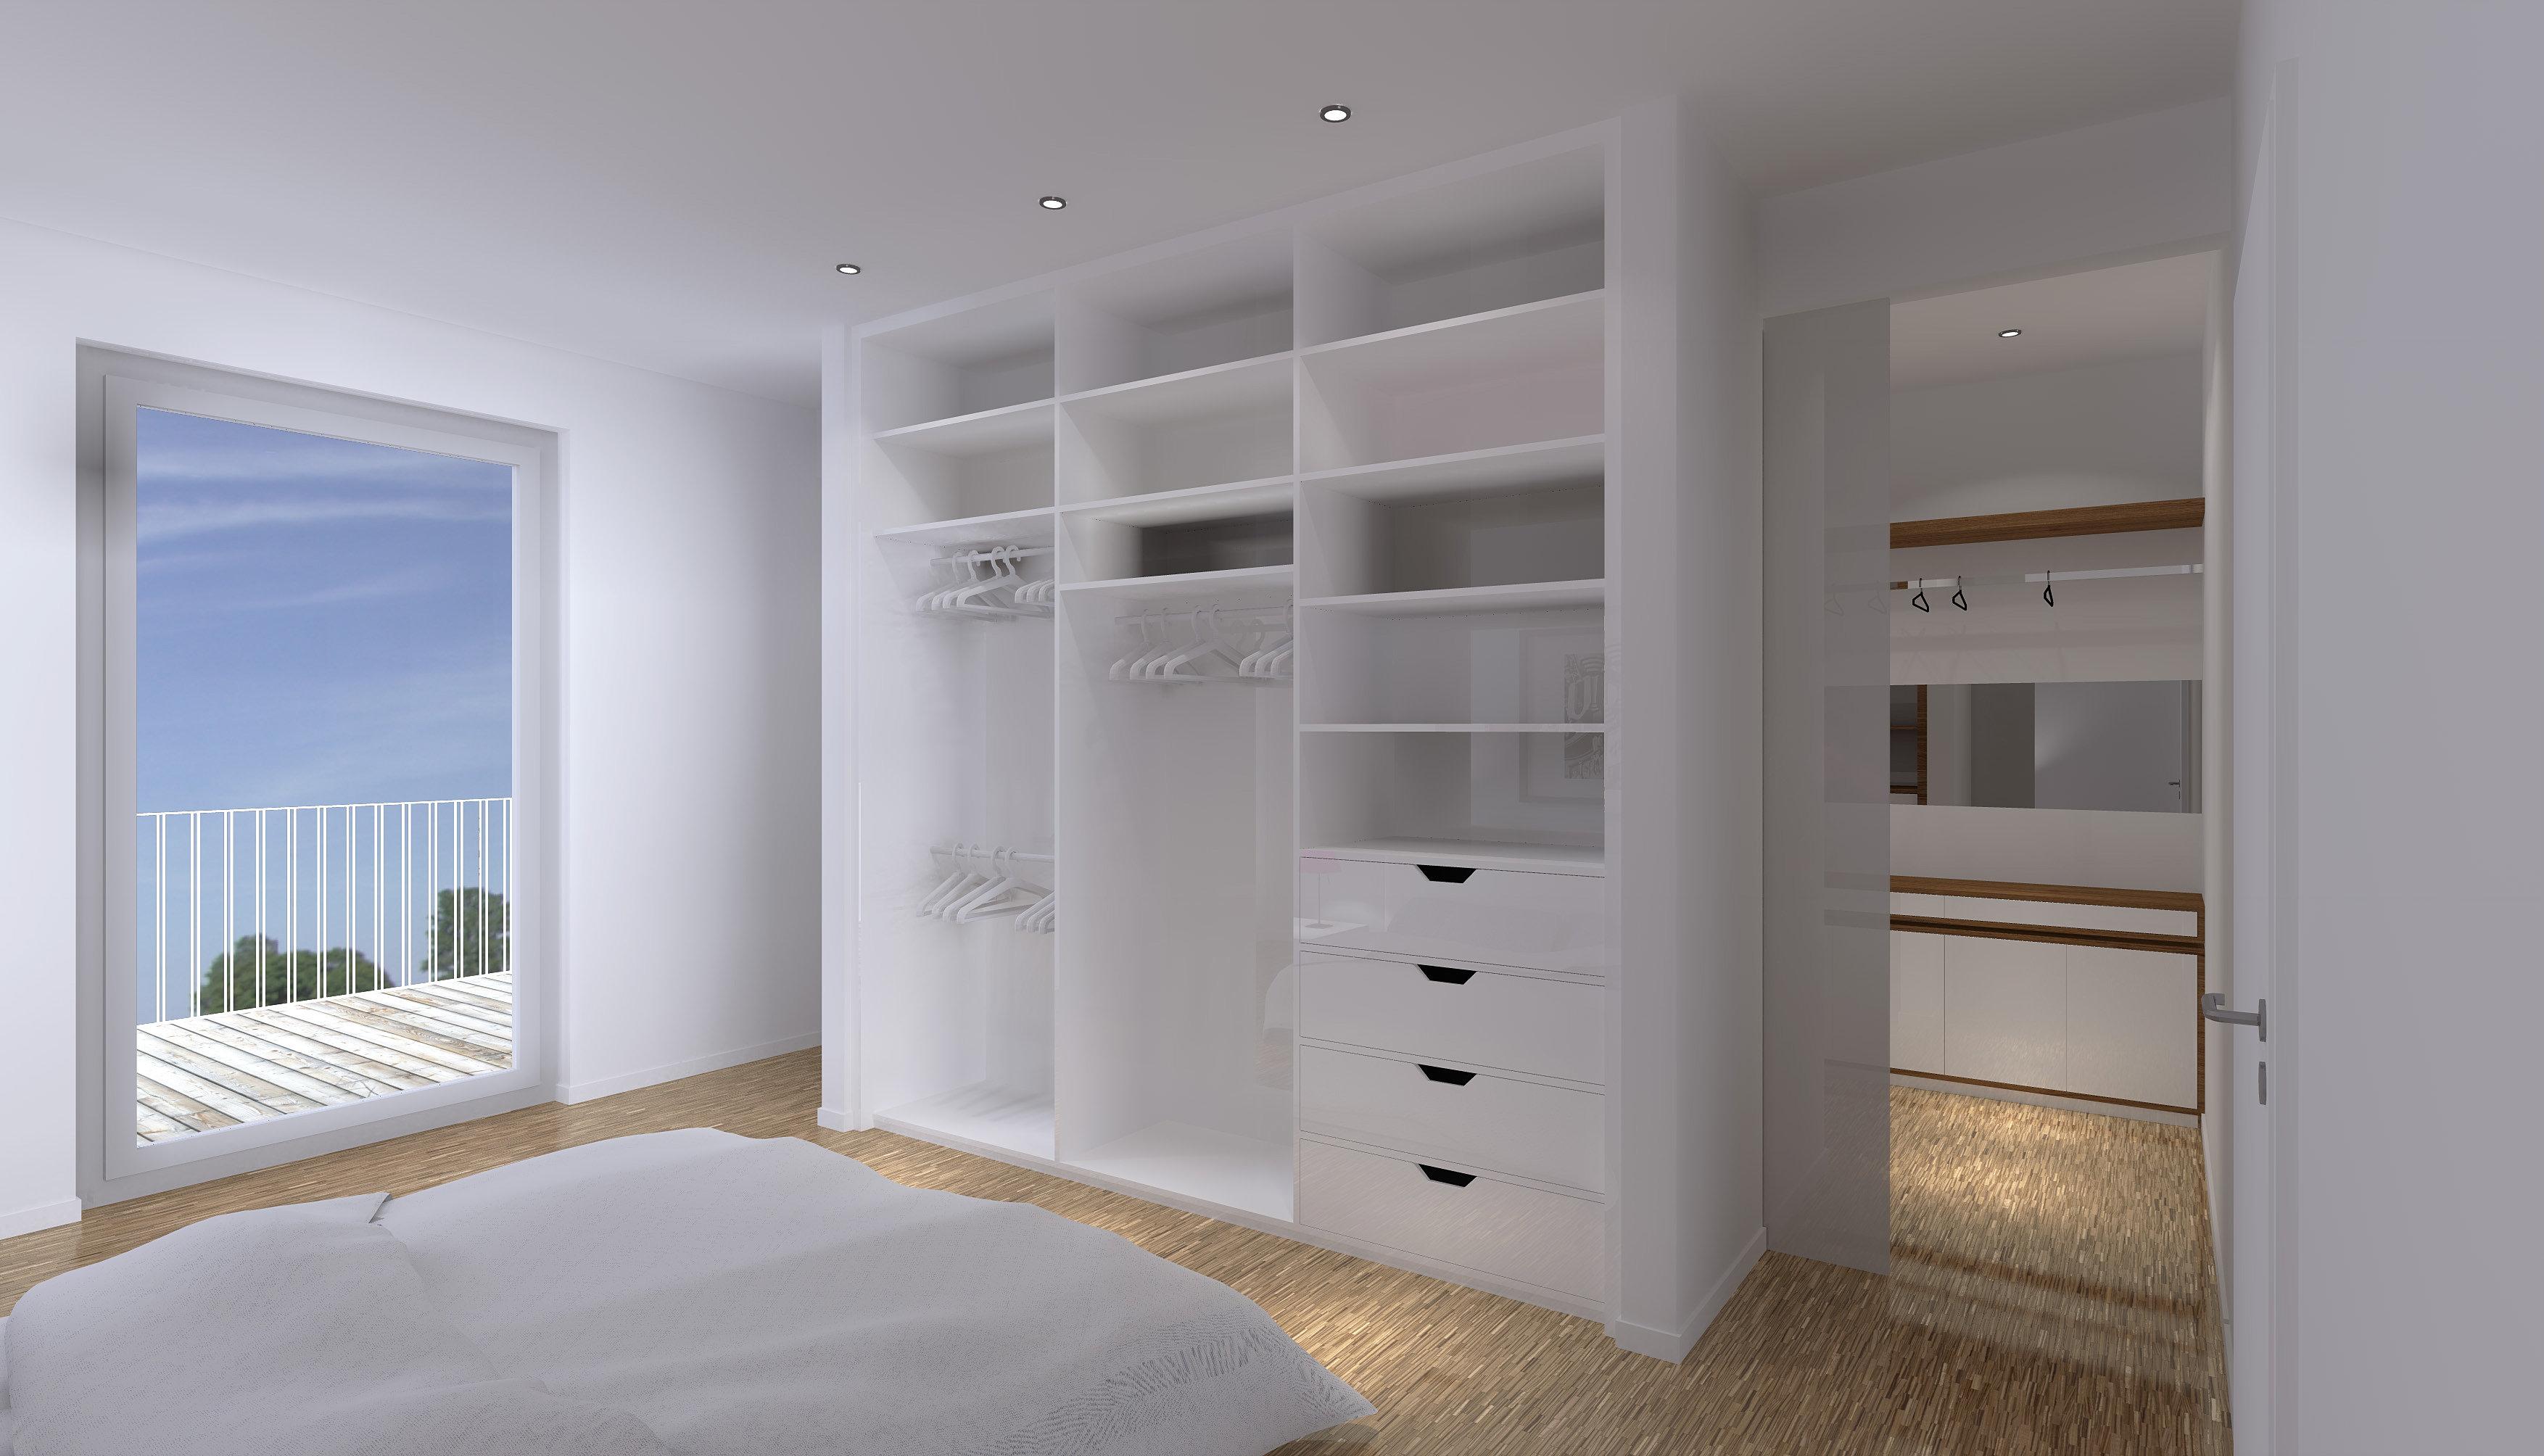 architektur innenarchitektur visualisierung design leipzig kleiderschrank offen. Black Bedroom Furniture Sets. Home Design Ideas